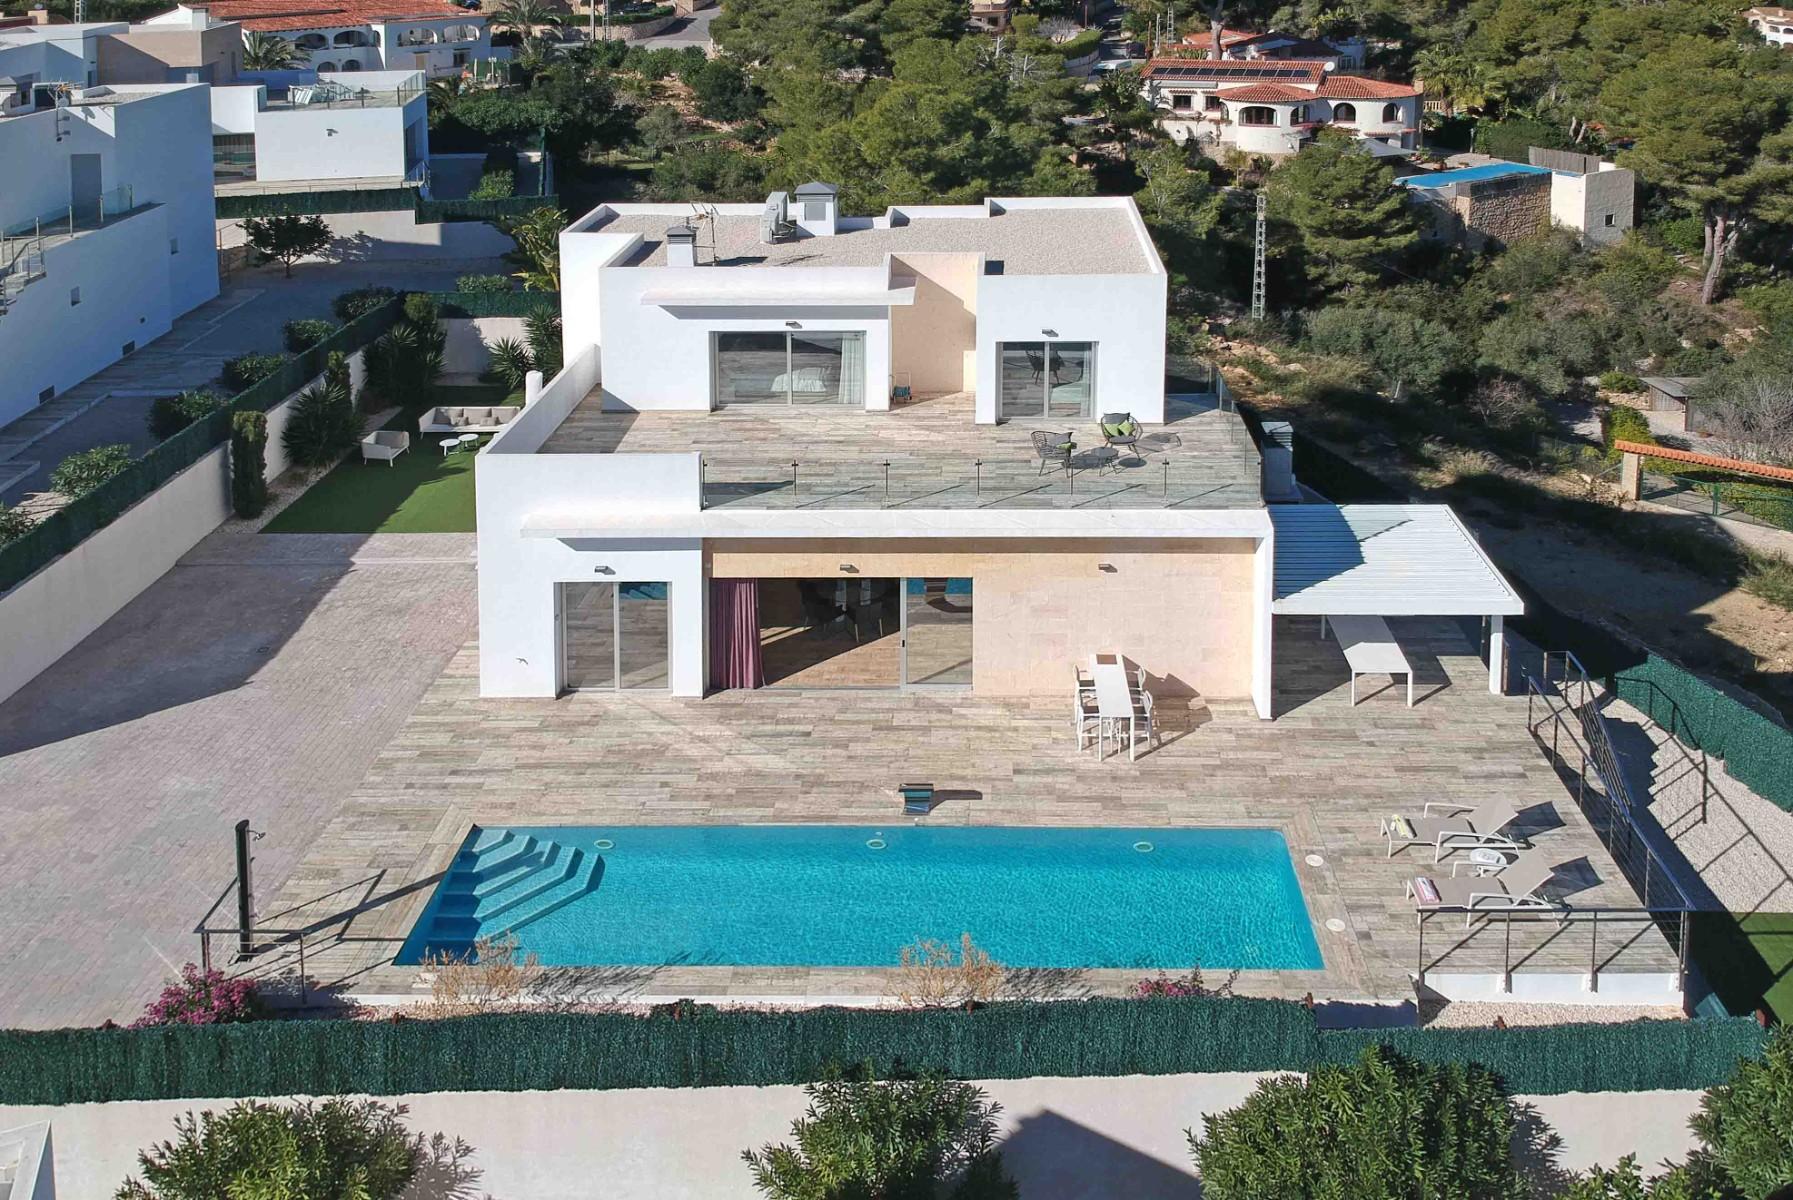 Villa de 4 dormitorios en Benissa  - Max Villas